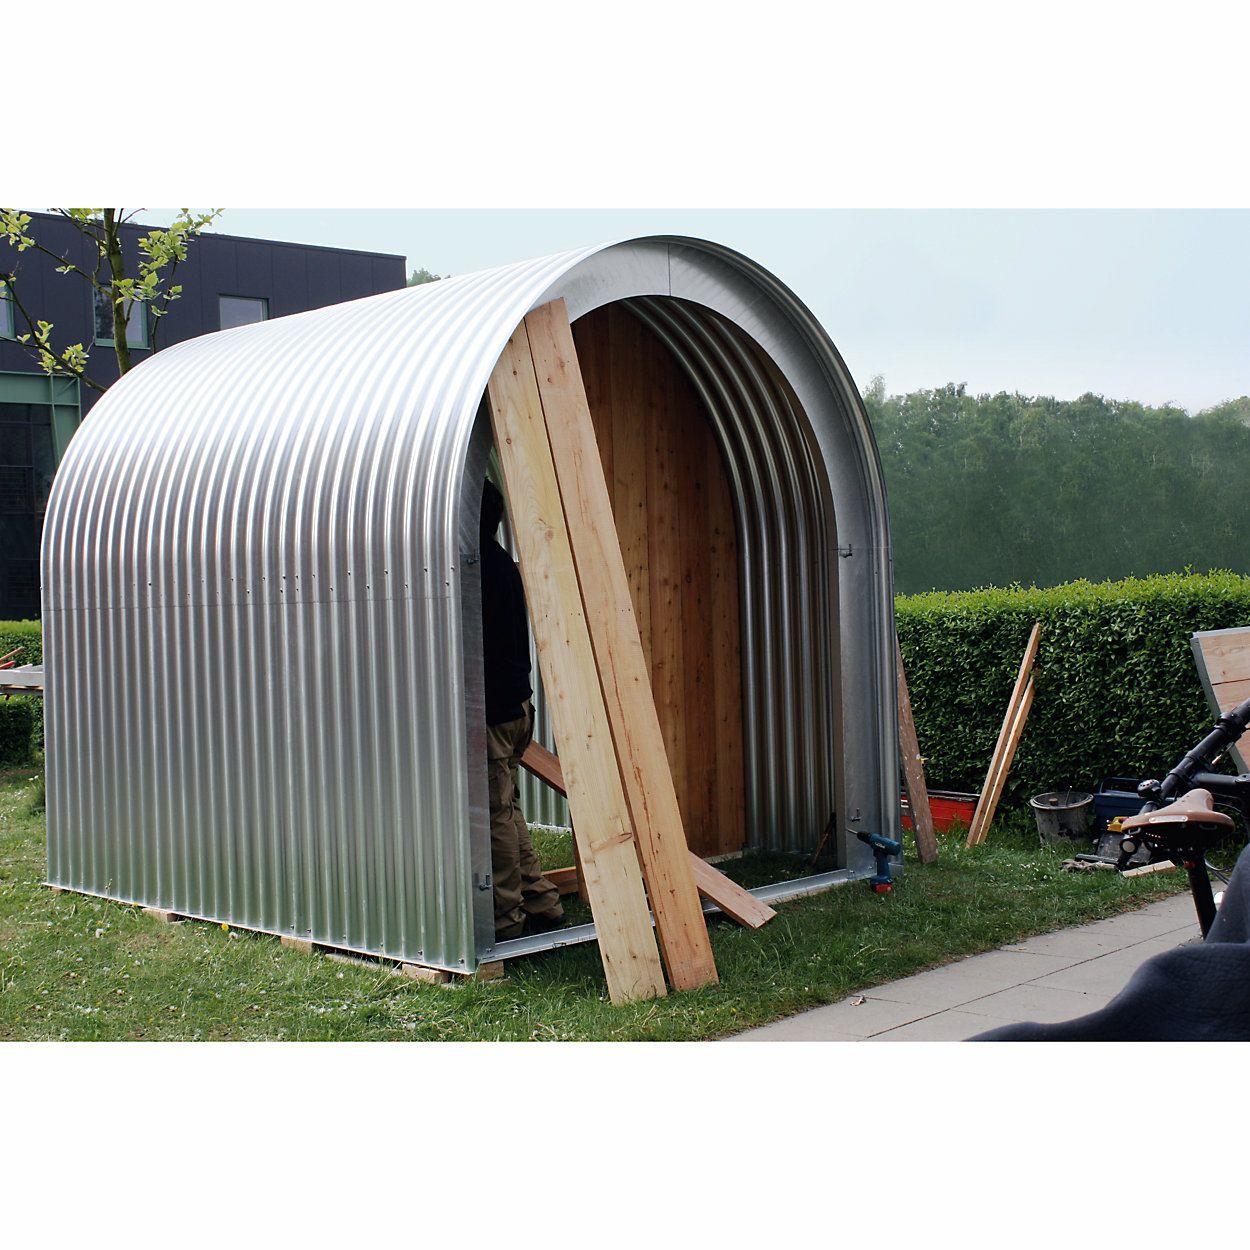 Gartenhaus Wellblech mit Holzfront in 2020 Wellblech